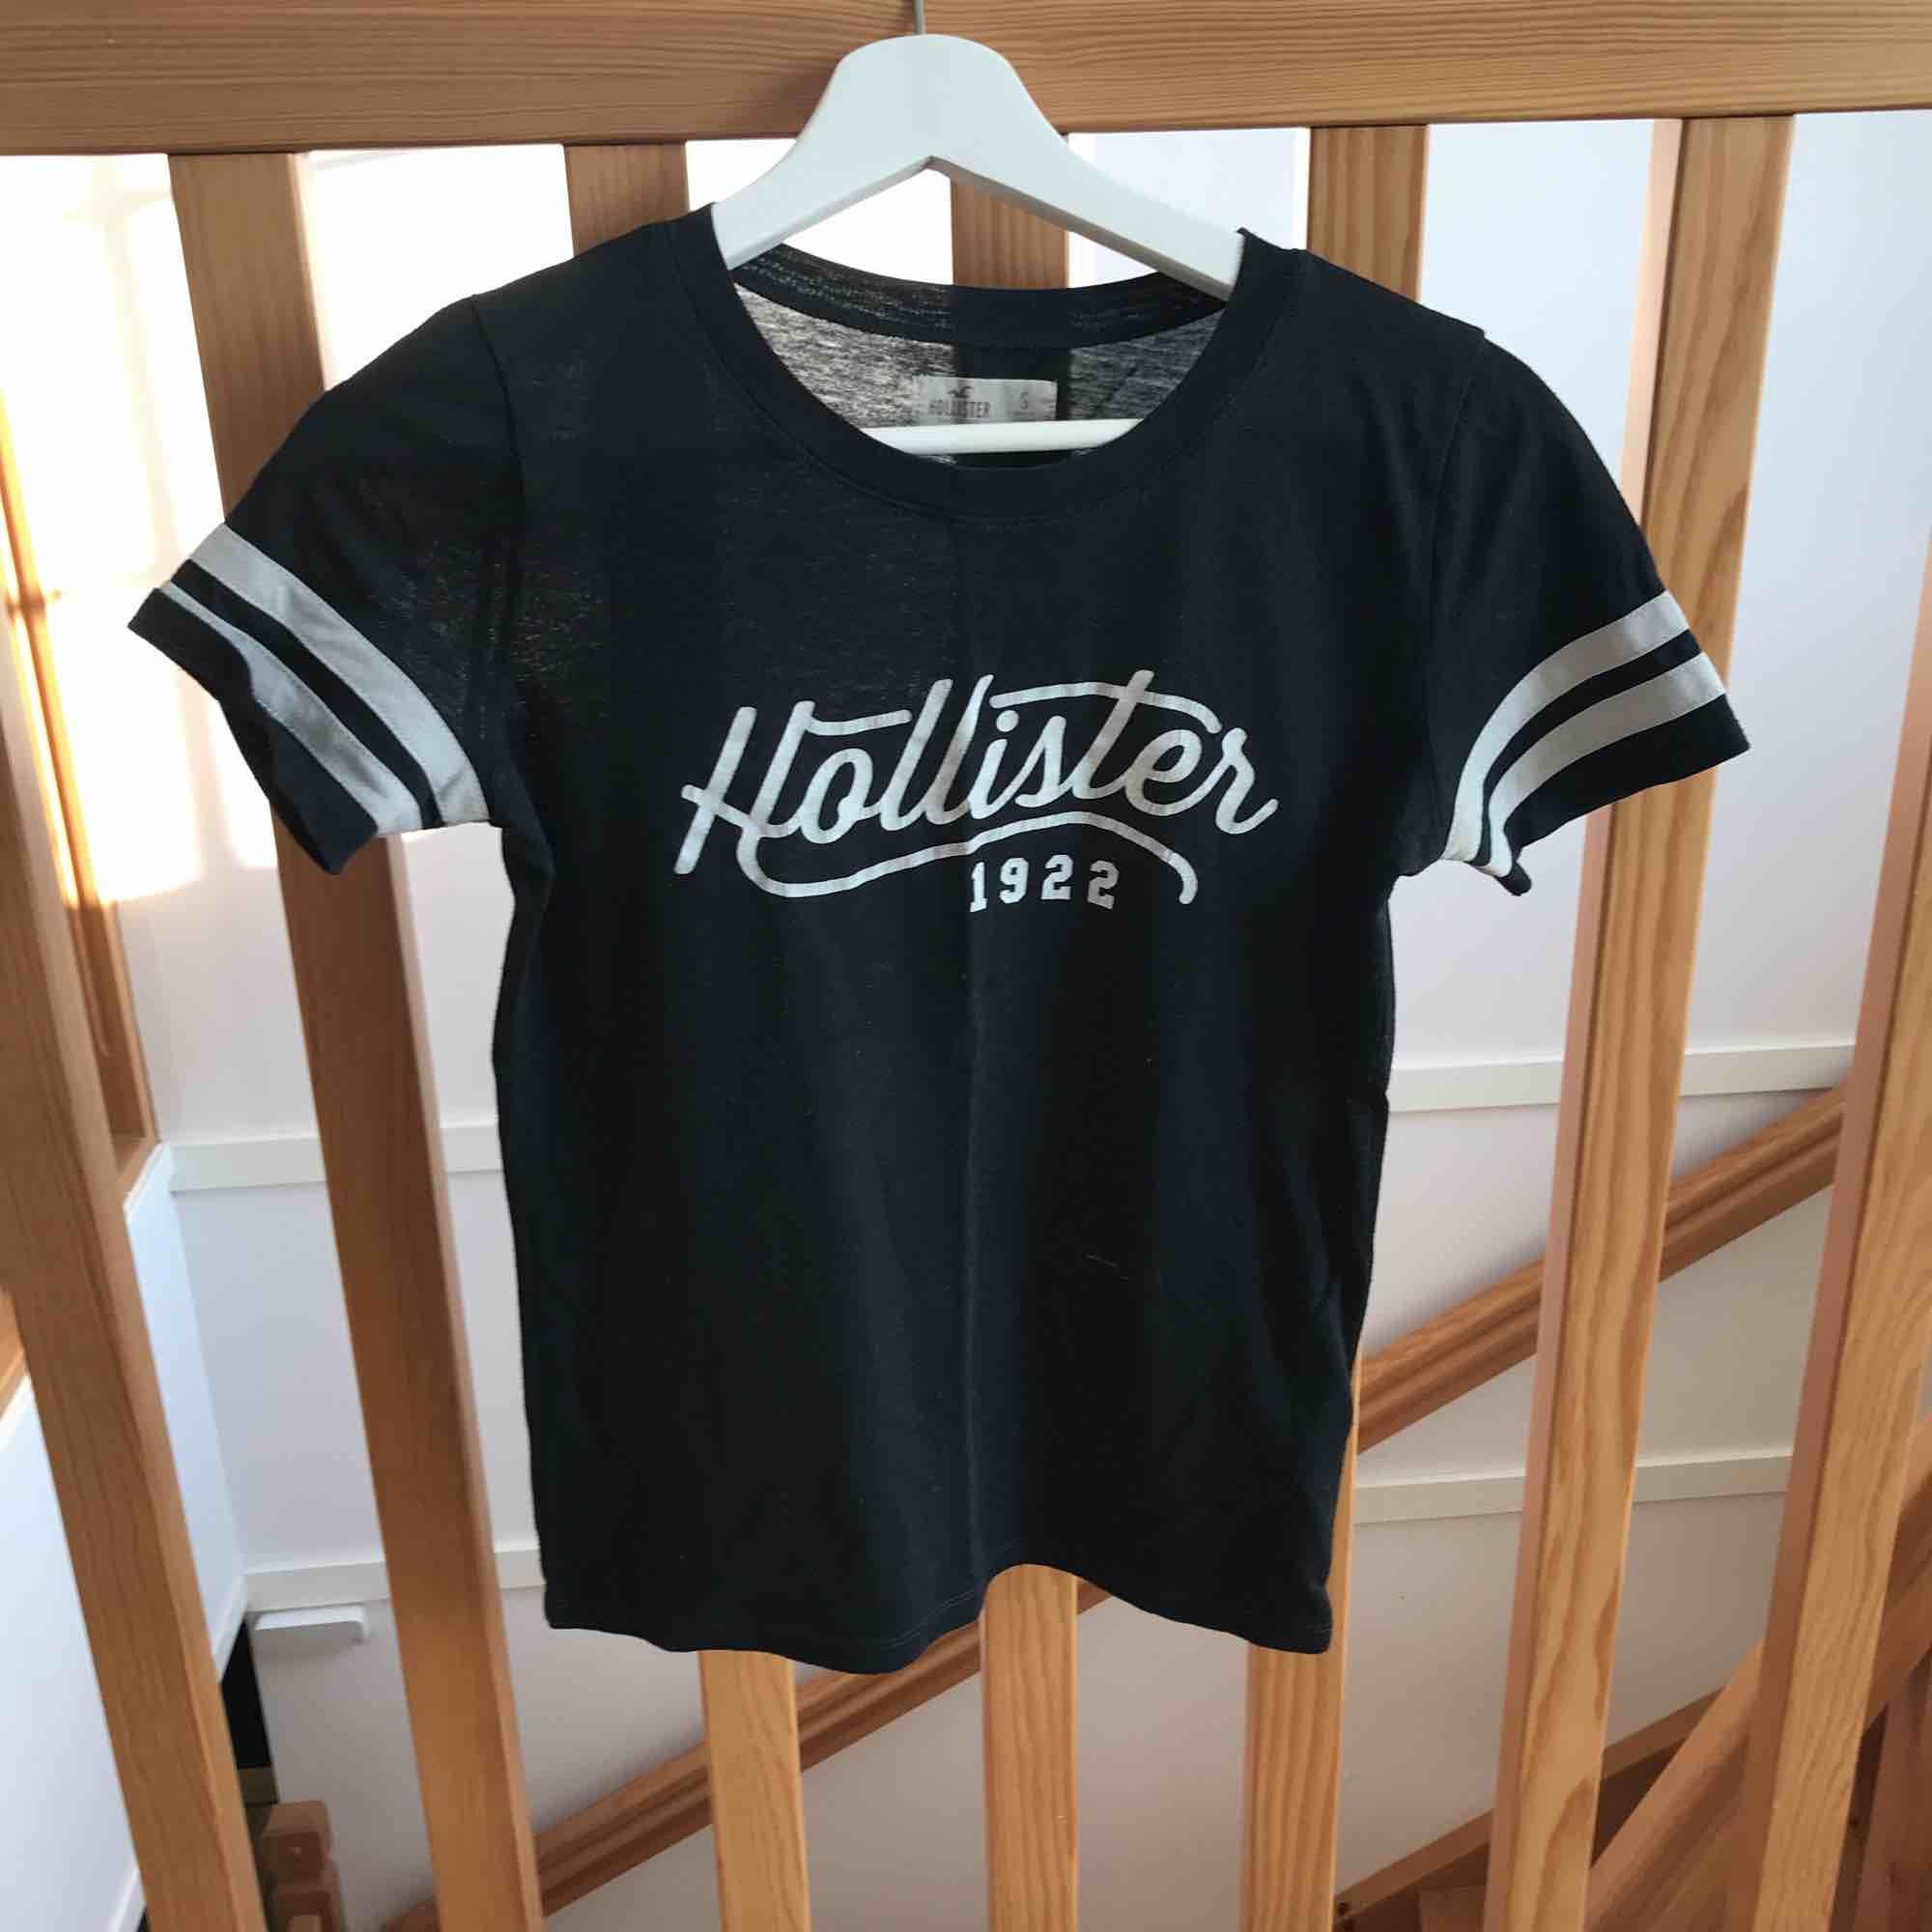 Äkta Hollister-t-shirt. Lite bristningar i texten men annars välbevarad. T-shirts.